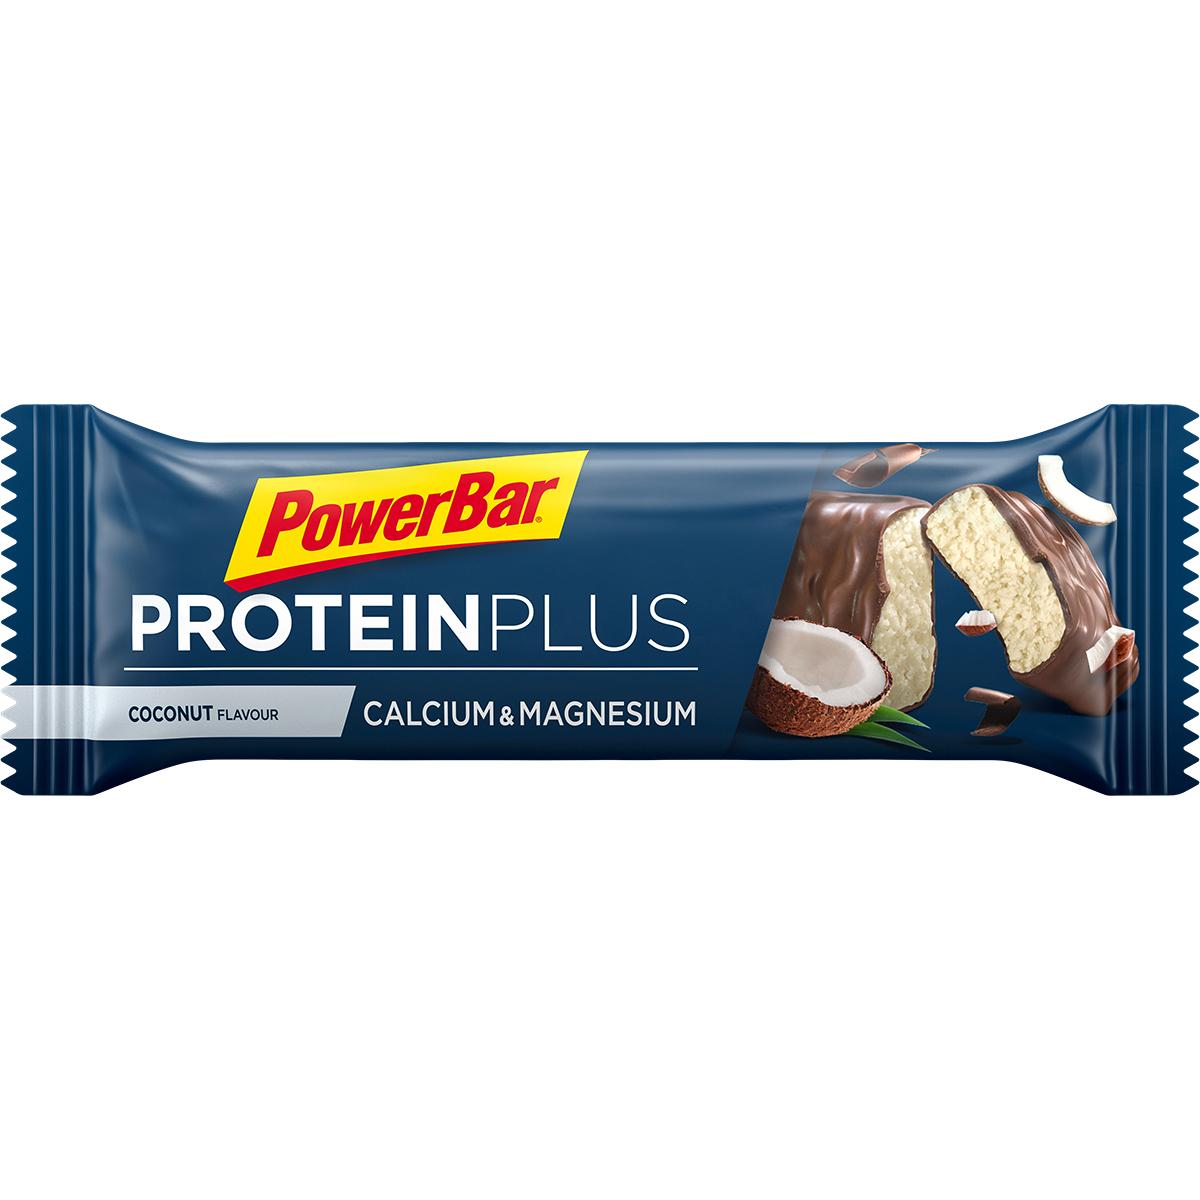 PowerBar Protein Plus Calcium & Magnesium Coconut (35g)